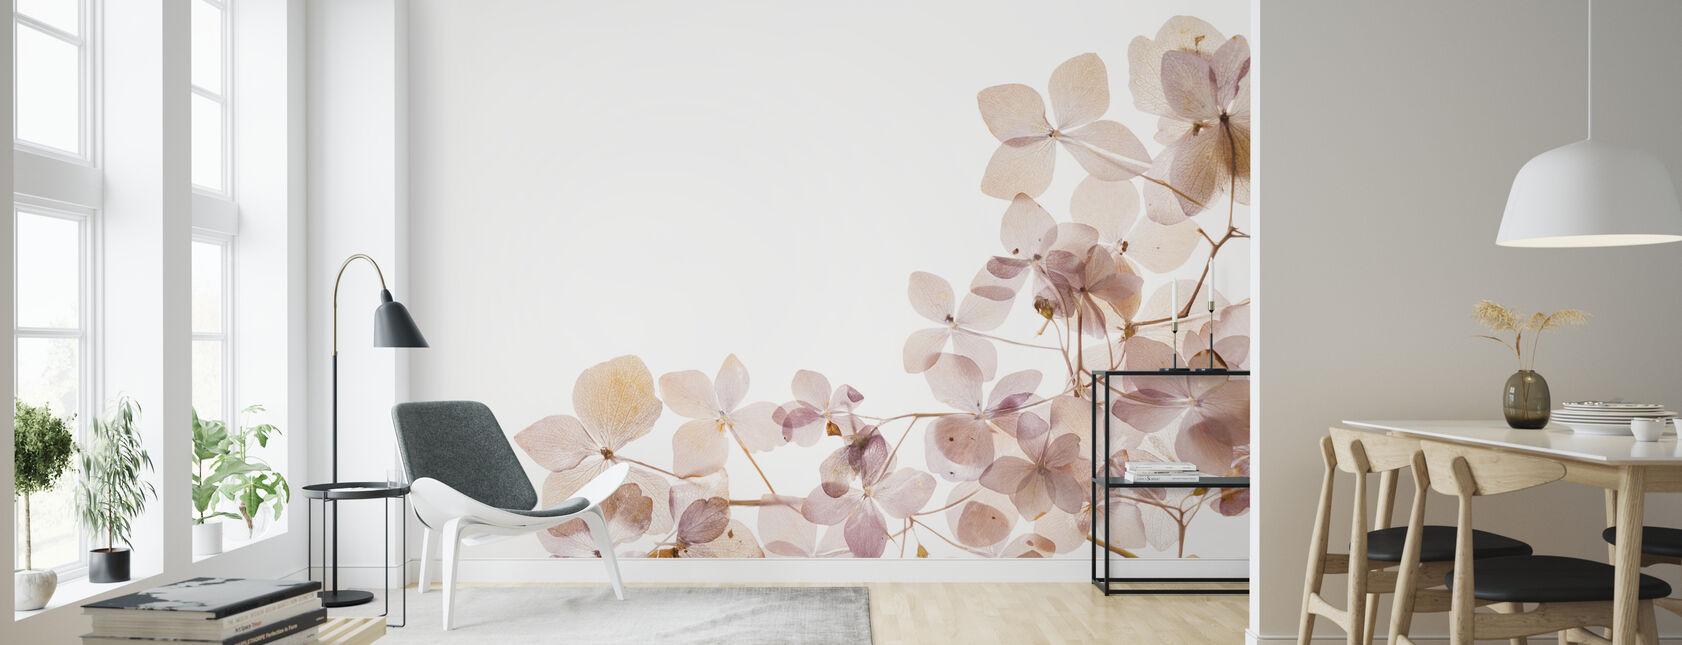 Light Flowers - Wallpaper - Living Room